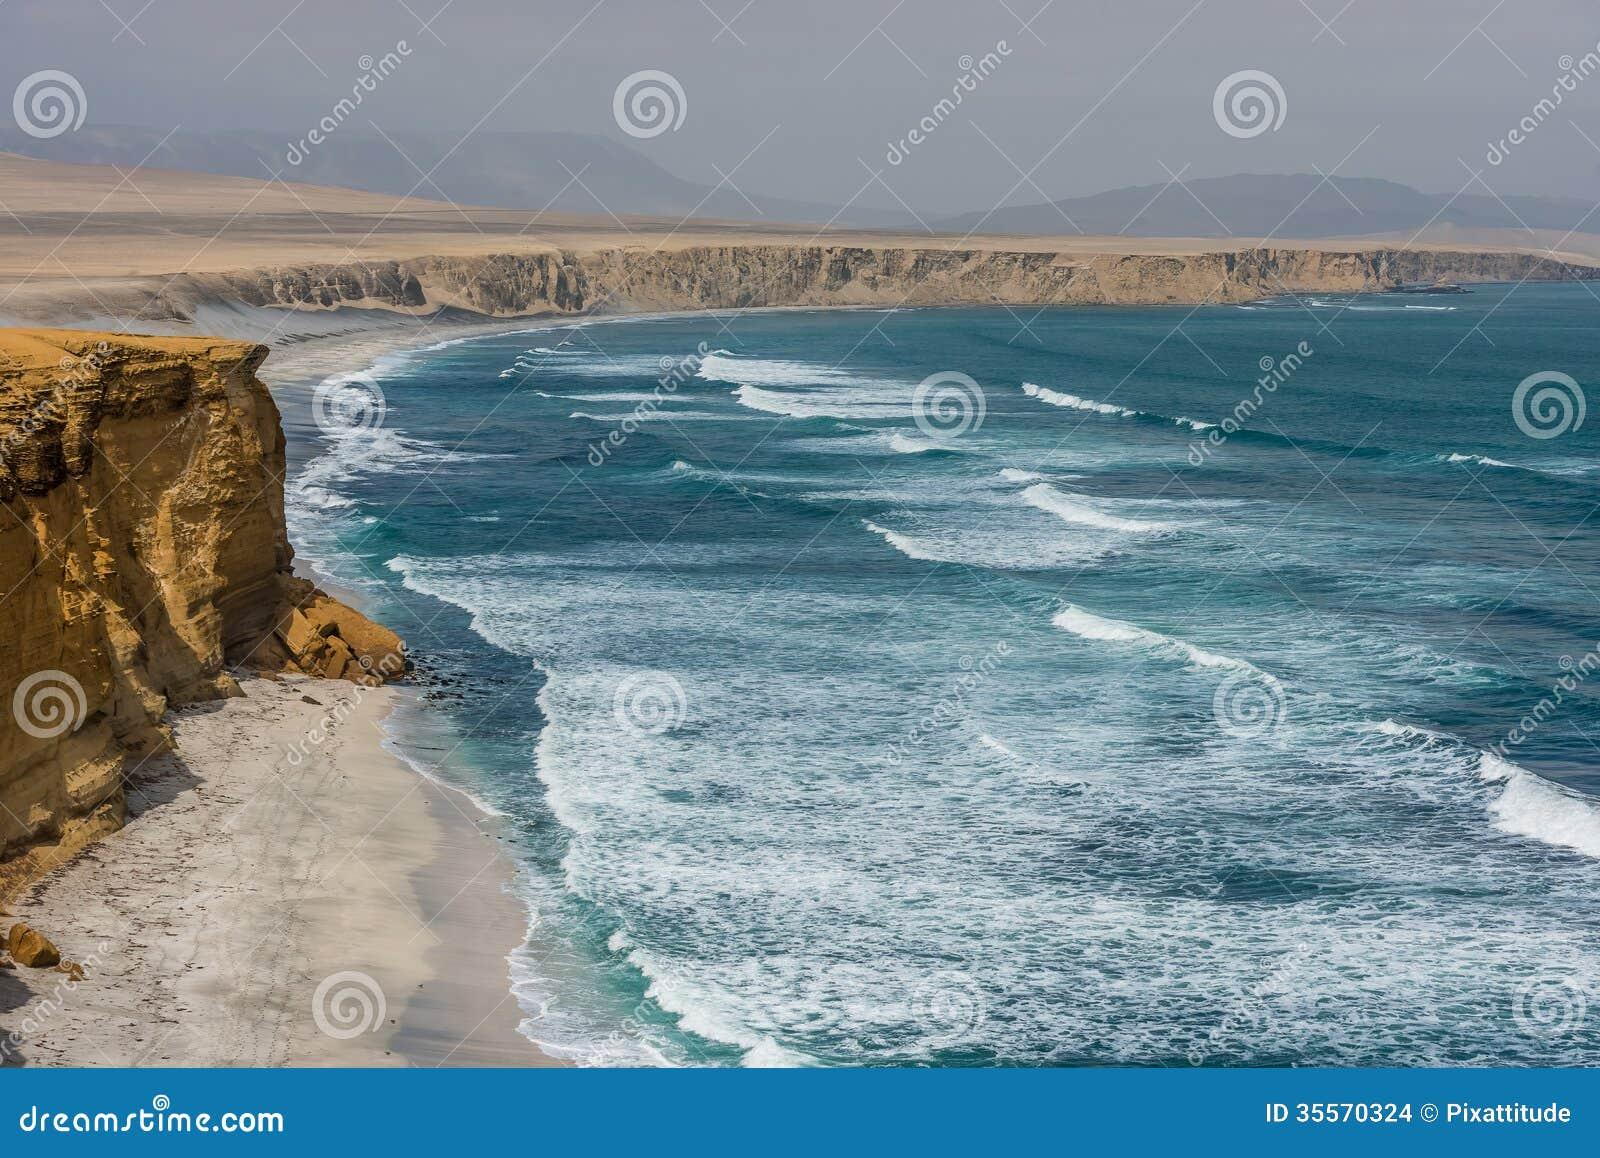 Costa peruviana della baia di paracas ad ica peru immagini for Casa costa costo area della baia